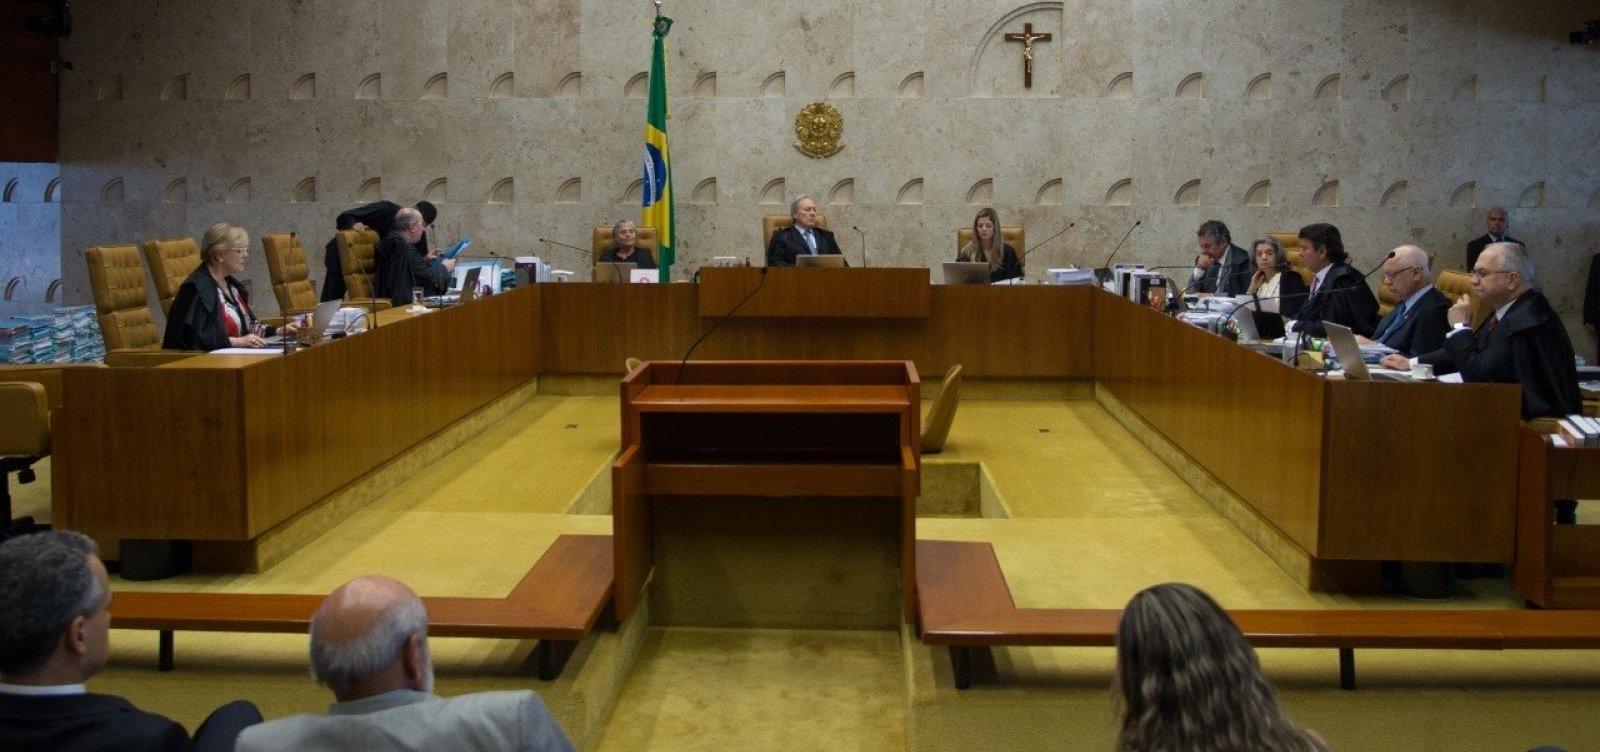 Senado aprova aumento de 16% para ministros do STF e PGR